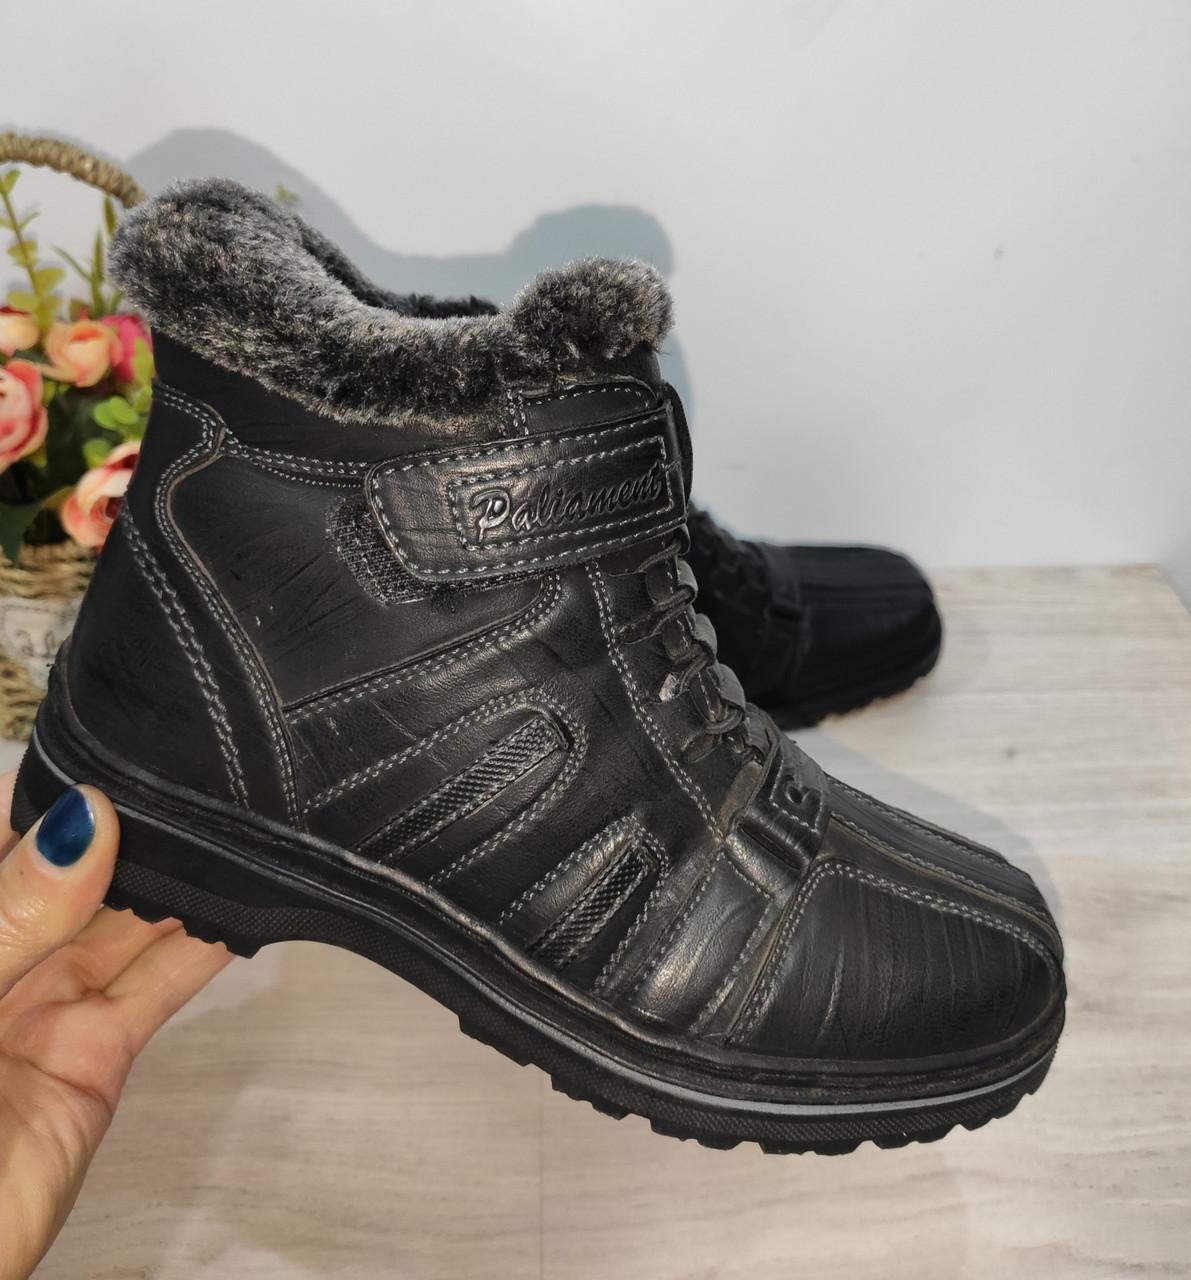 Ботинки на меху на мальчика 34,35, 36 р черные арт 3133